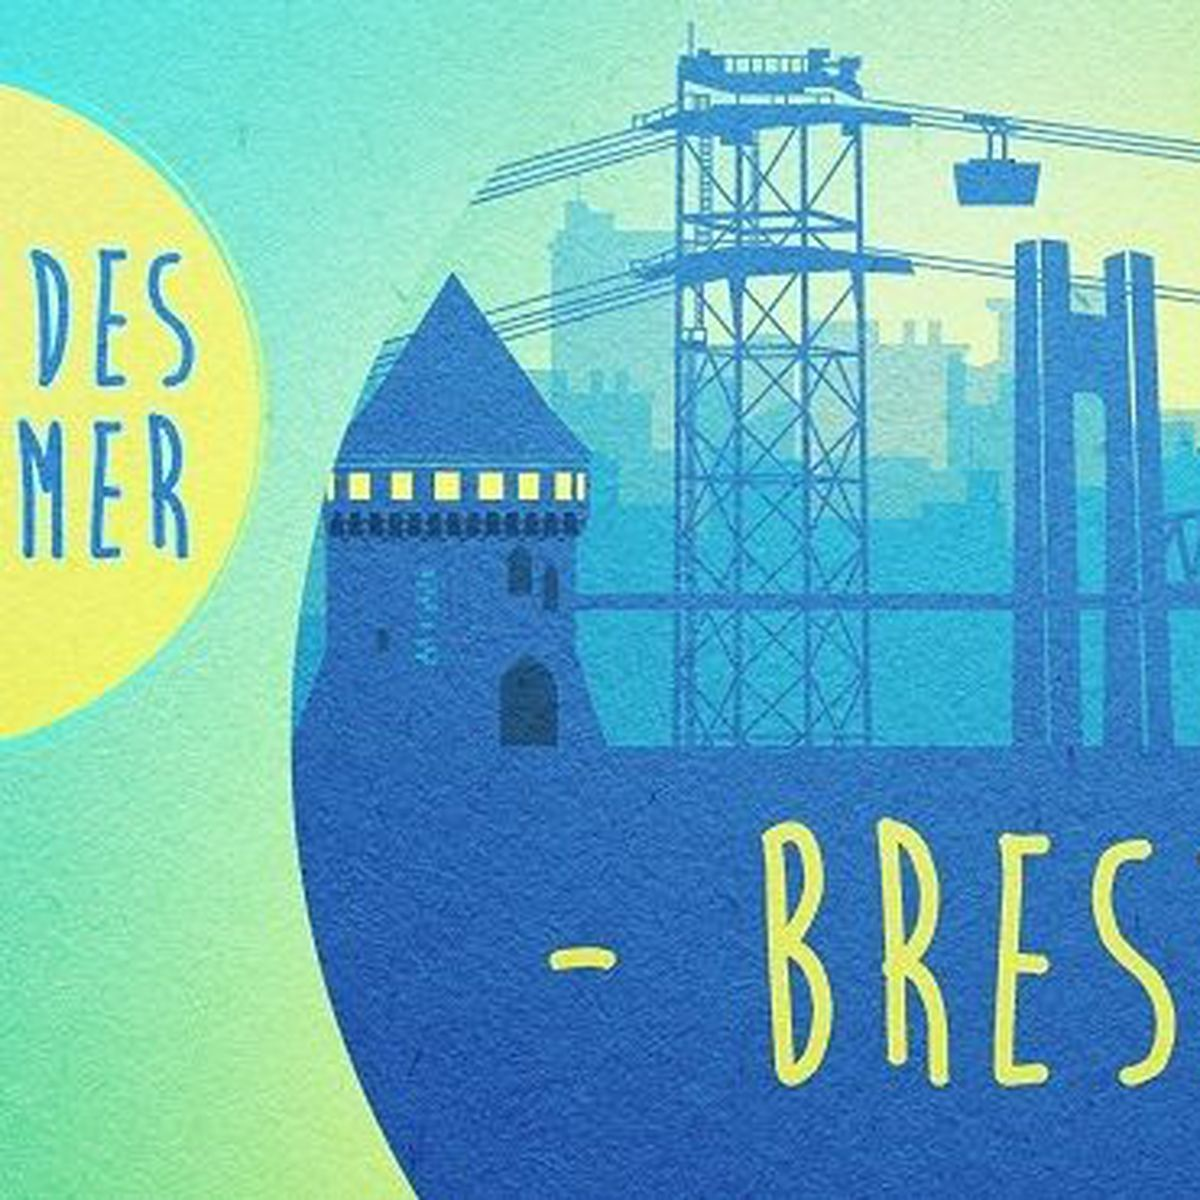 Vente De Tissus Brest rue des outre-mer : cap sur brest ! [carte interactive